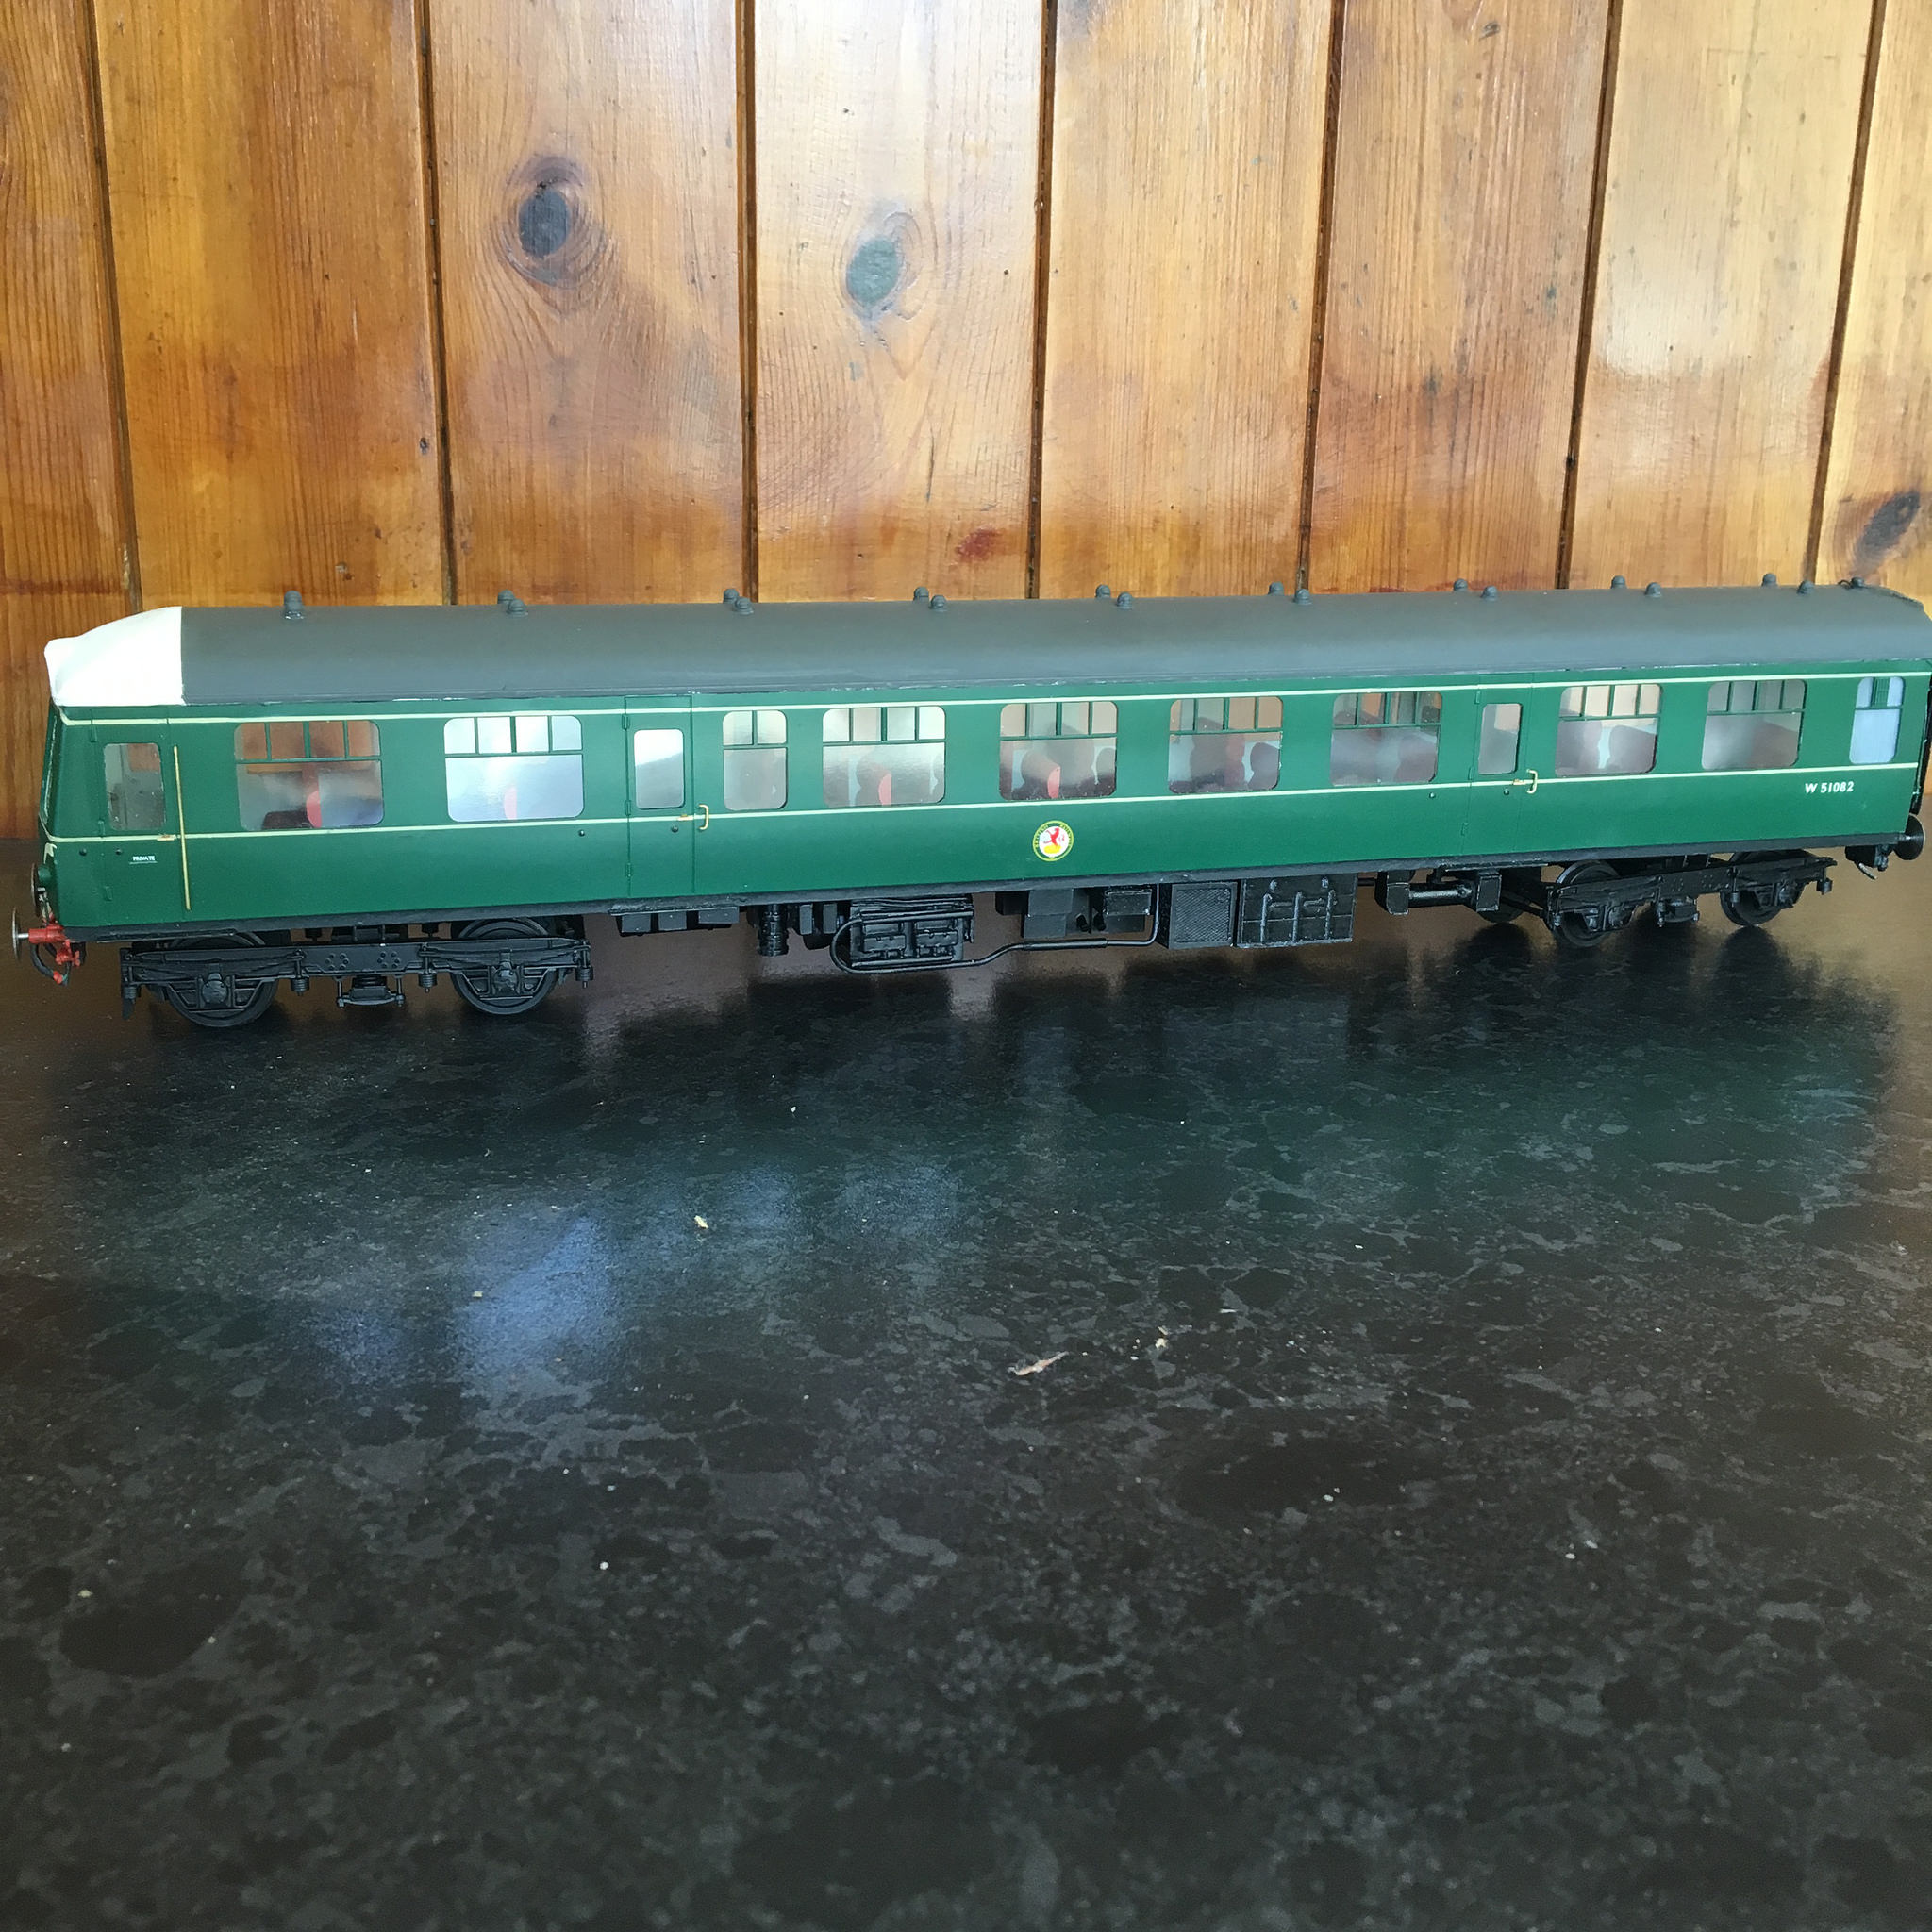 Class 119 DMU Driving motor second